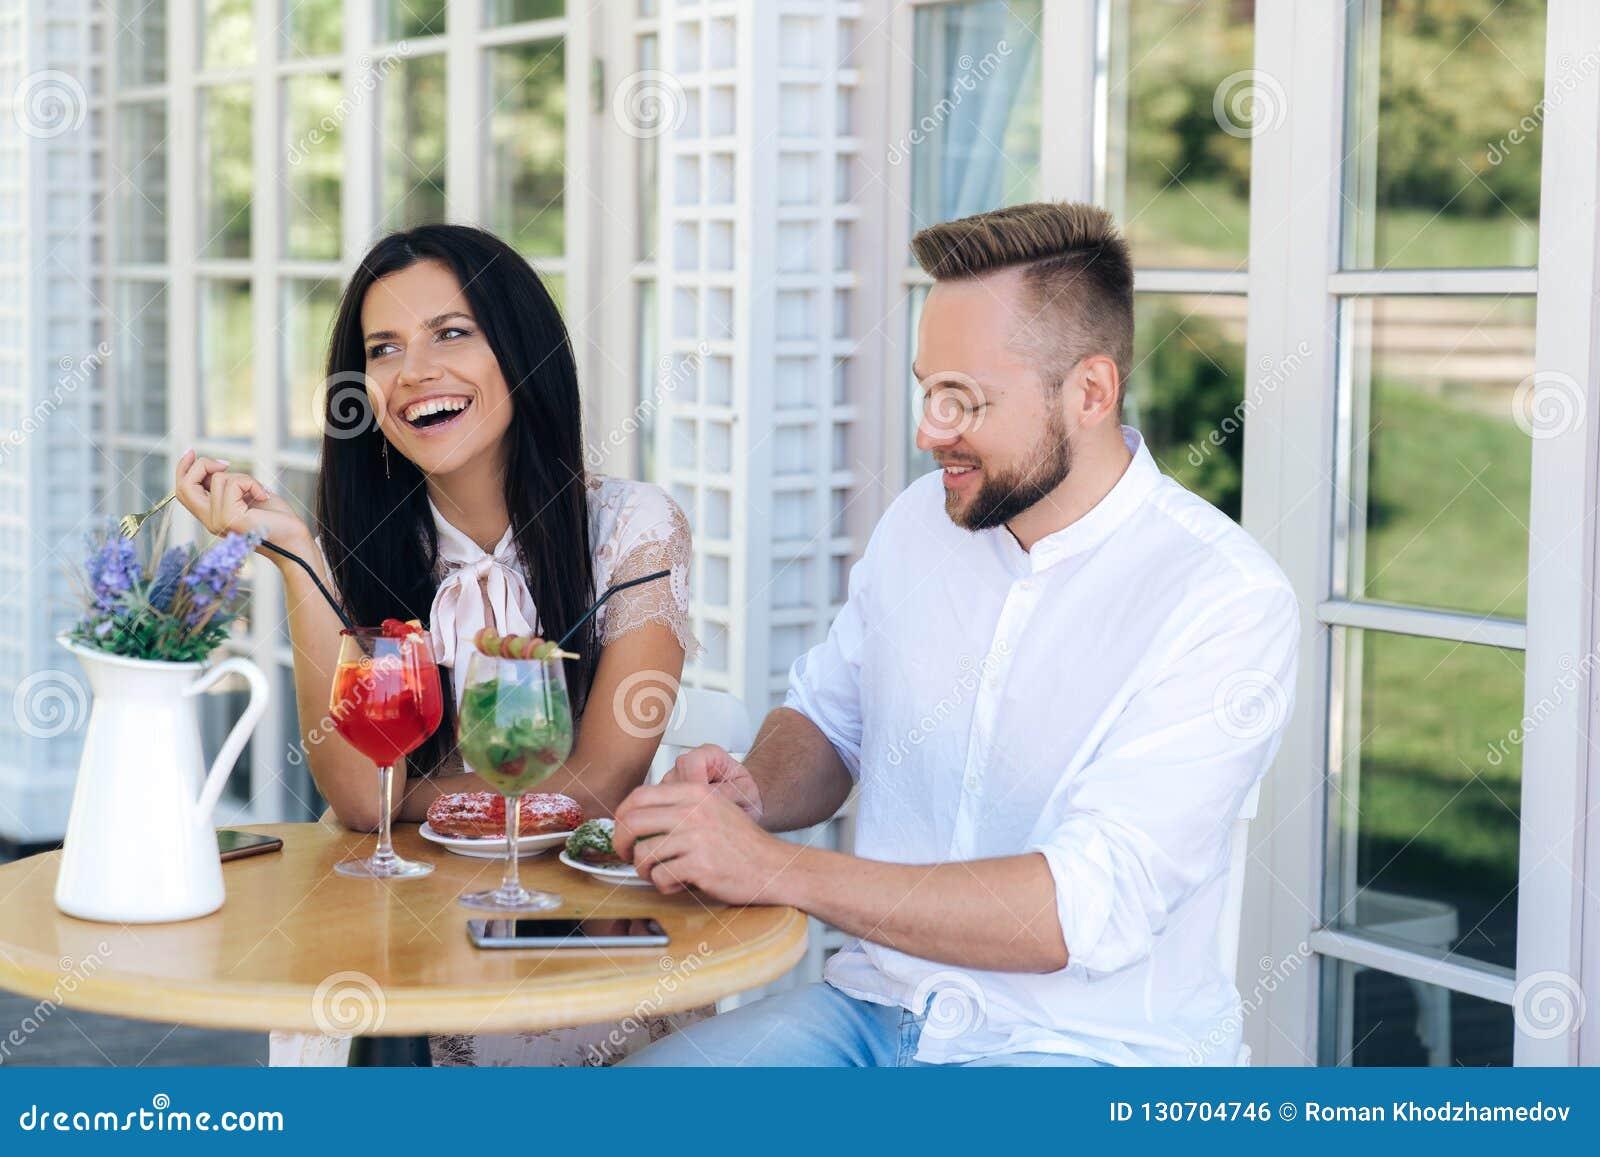 Привлекательная жизнерадостная девушка пришла увидеть славного стильного парня пара отдыхает в кафе, ел плашки, говоря и